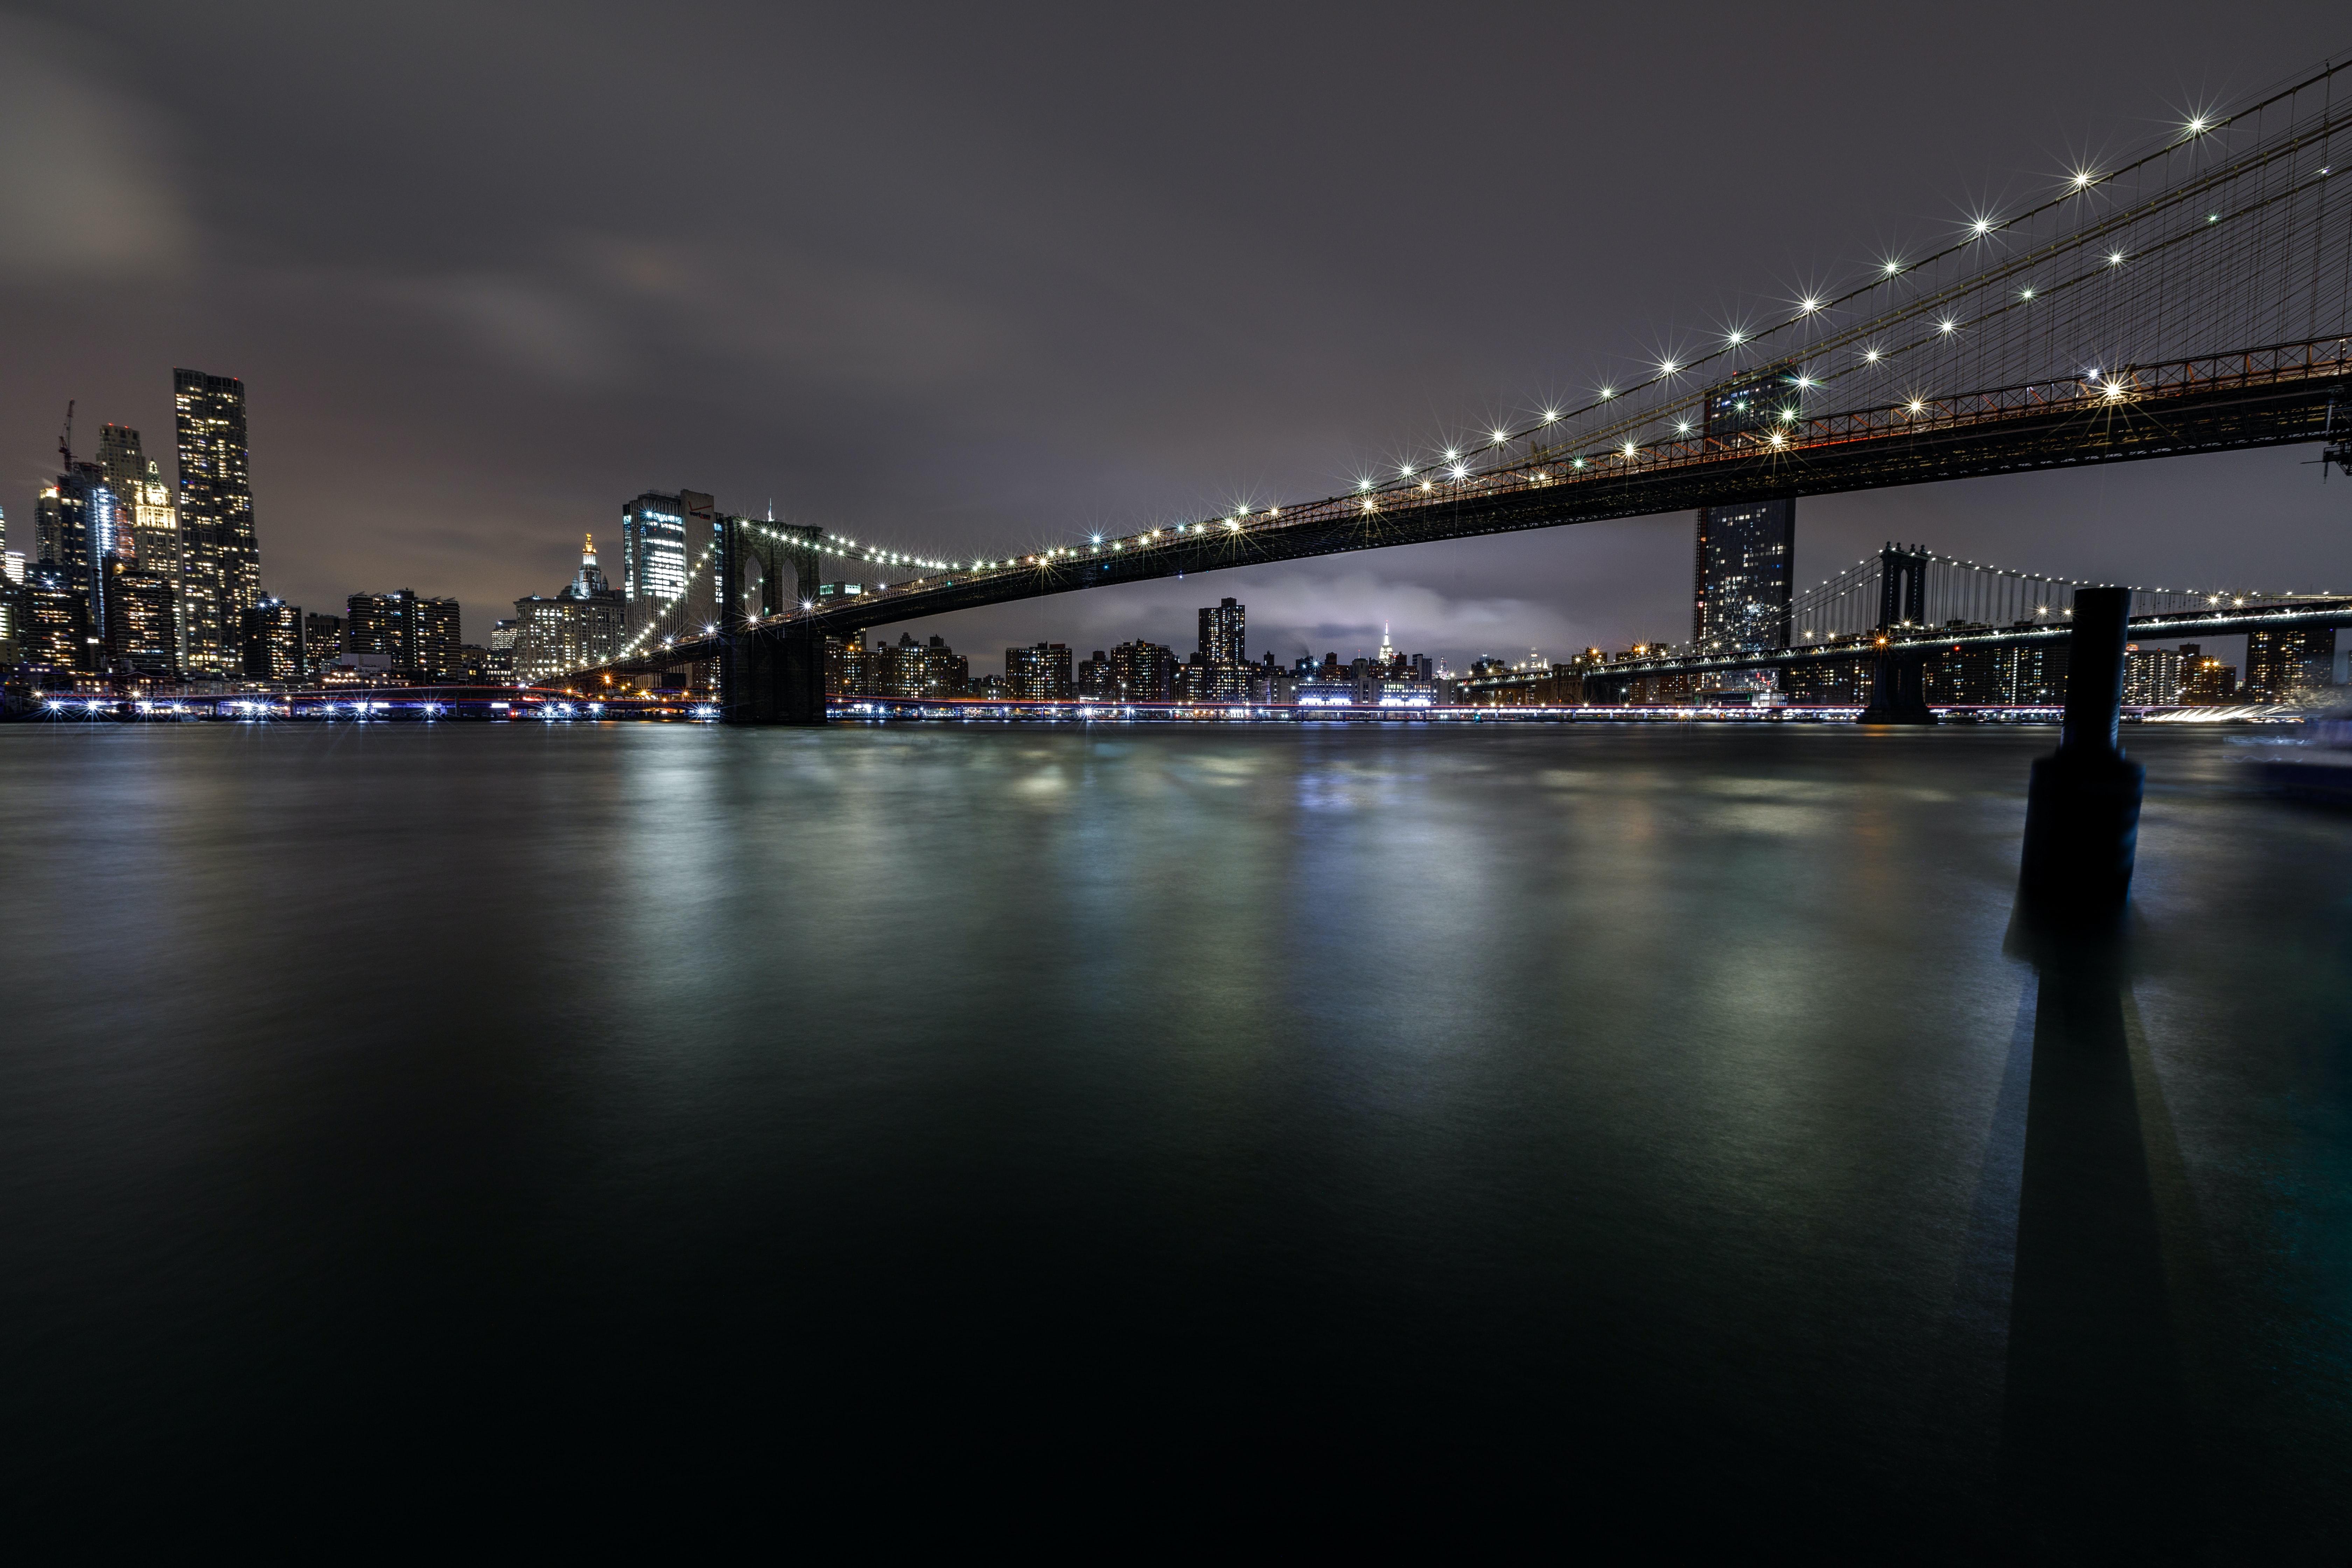 153382 Hintergrundbild herunterladen Flüsse, Städte, Gebäude, Die Lichter, Lichter, Nächtliche Stadt, Night City, Brücke, Glühen, Glow - Bildschirmschoner und Bilder kostenlos